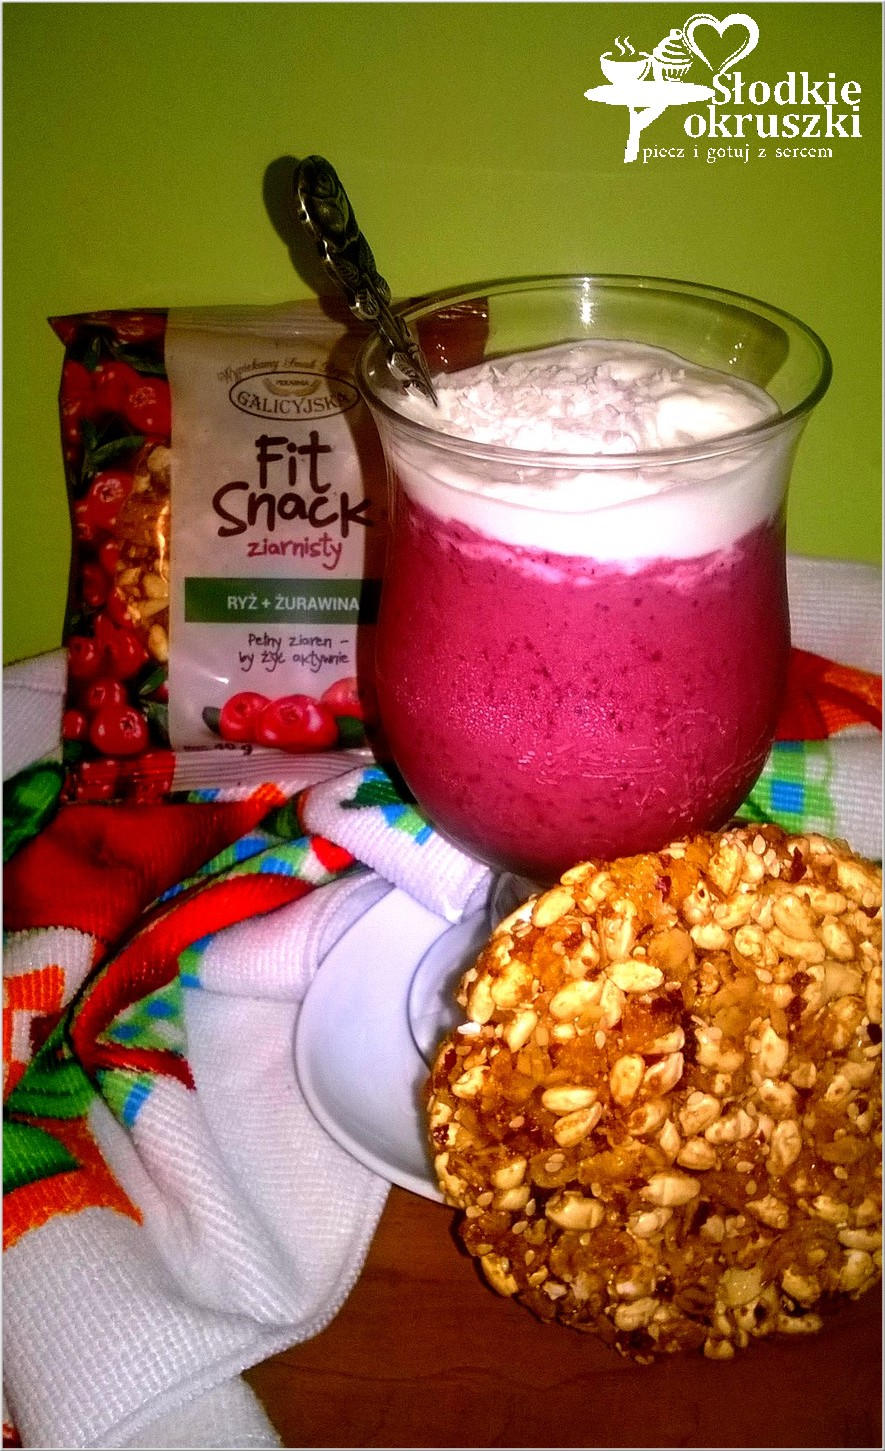 Jagodowo-kokosowy podwieczorek z ziarnistym fit snack 2